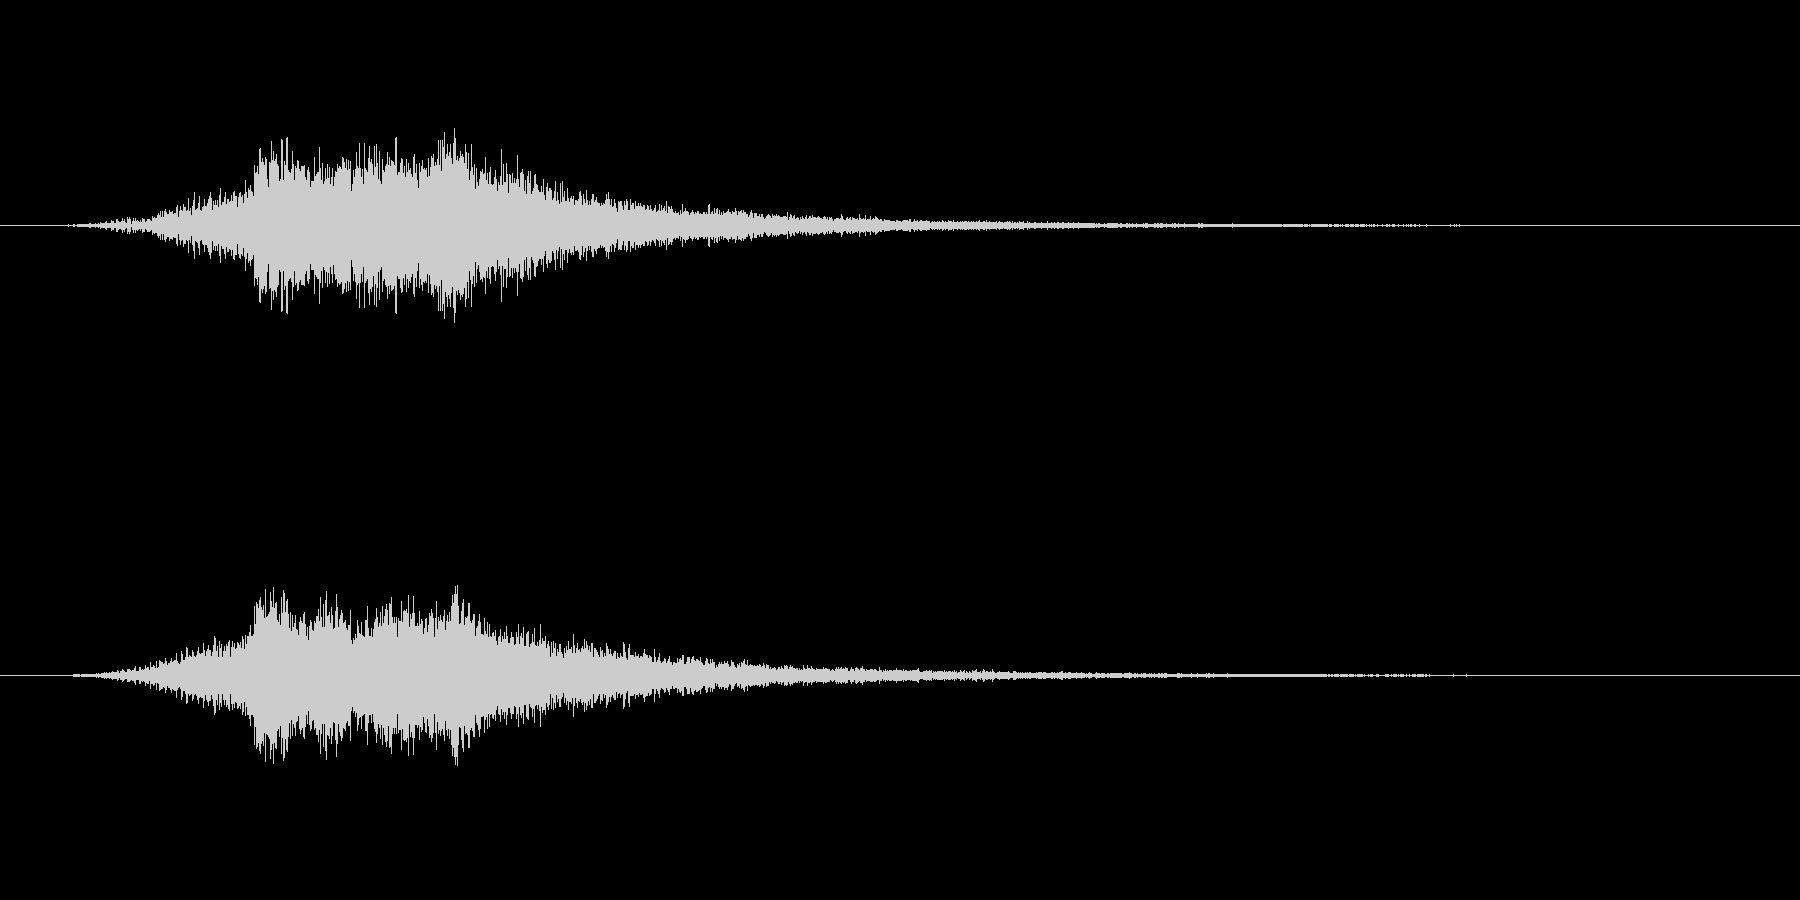 柔らかなパソコンの起動音のような音の未再生の波形